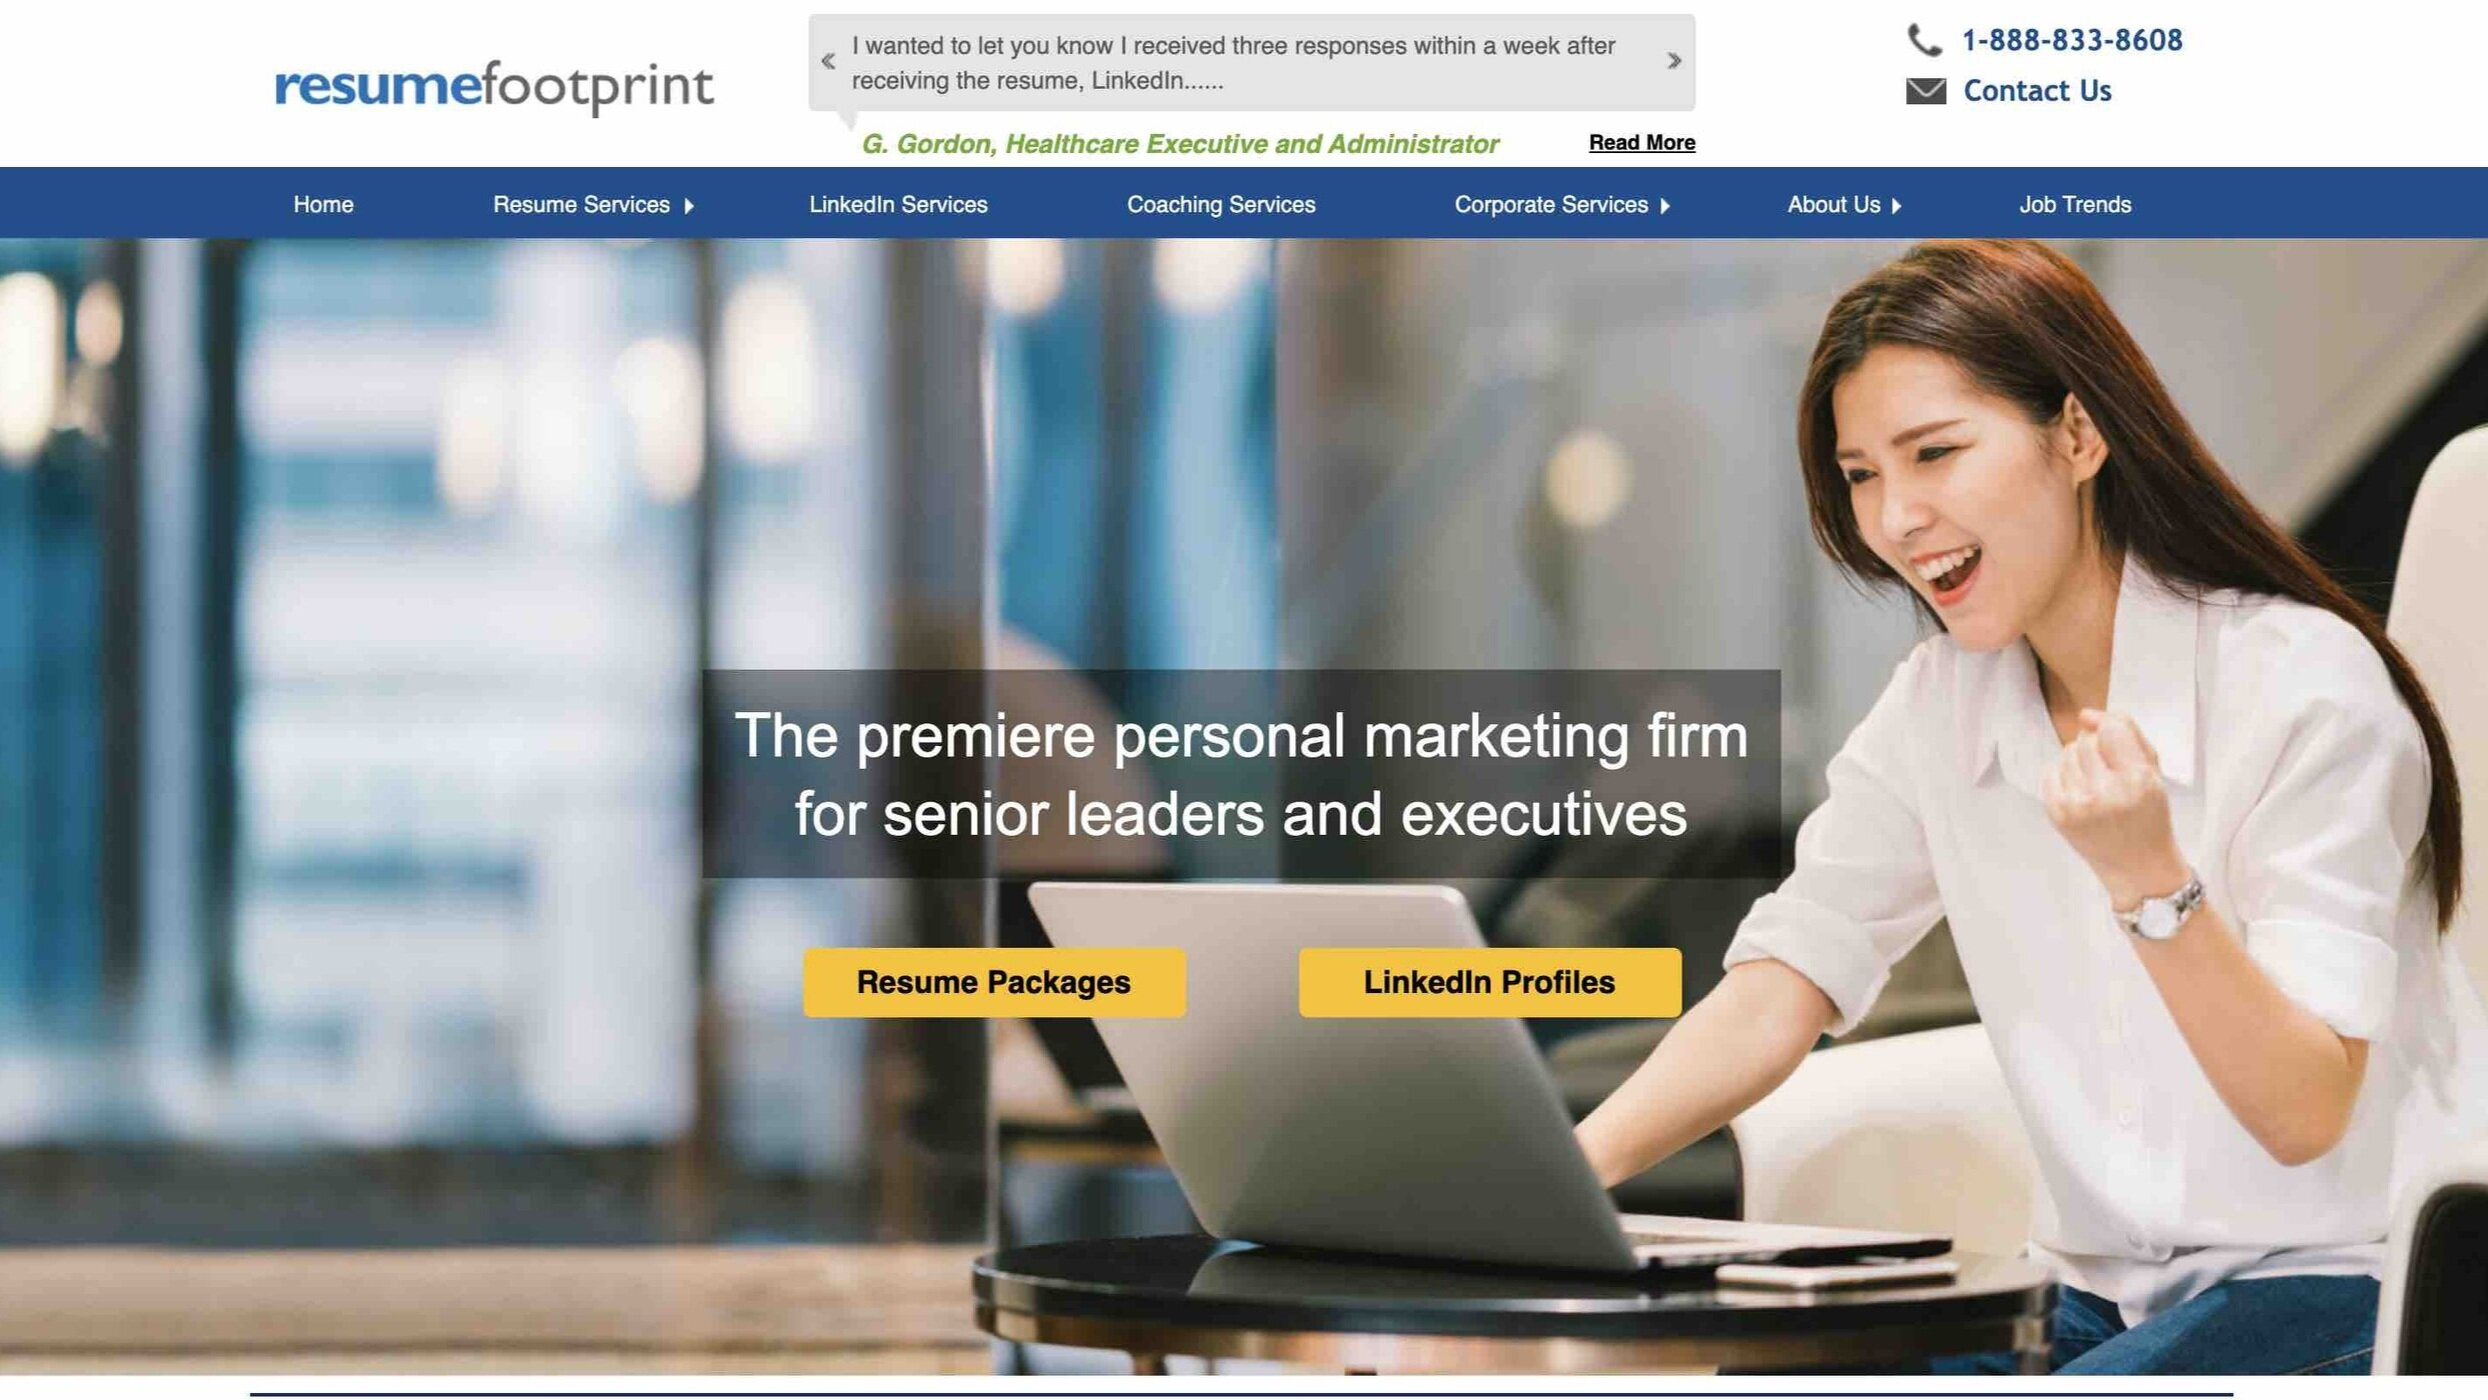 resume footprint profile writers.jpg